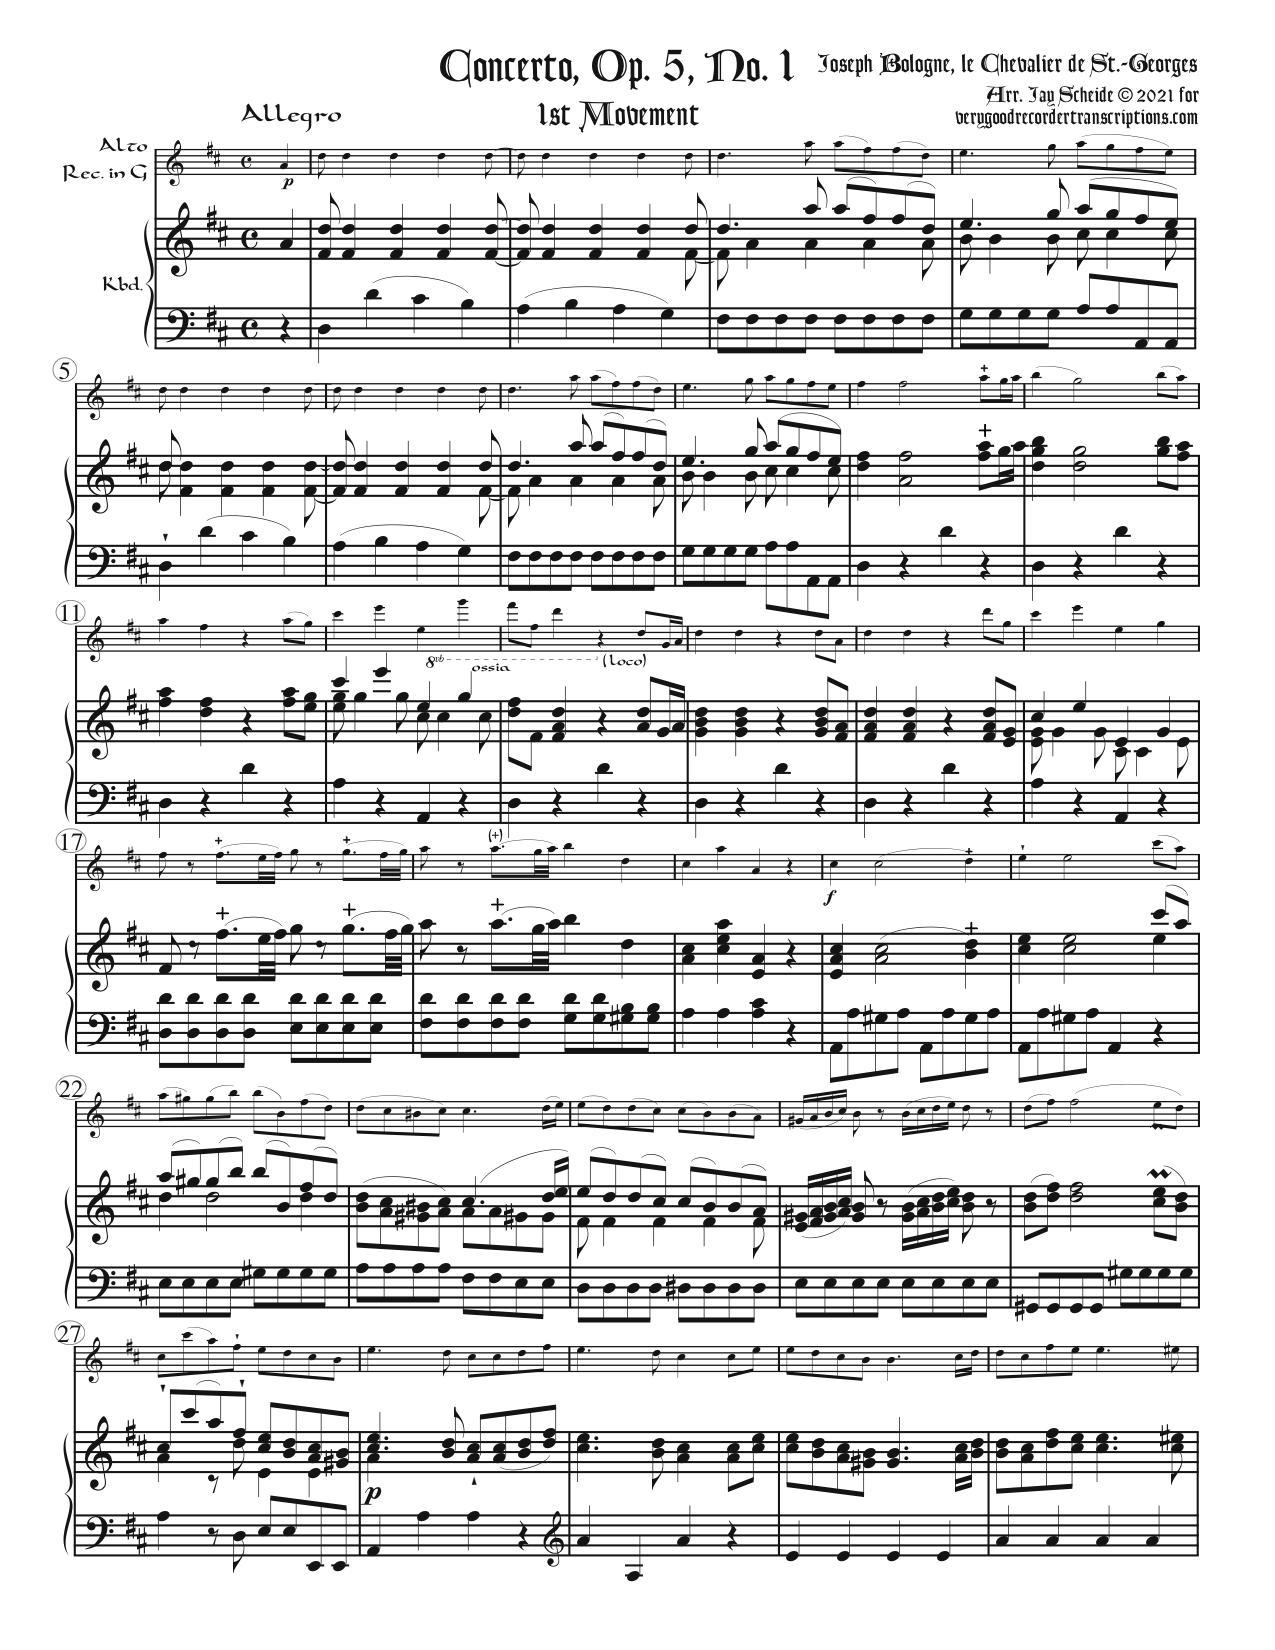 Two Concertos, Op. 5, No. 1 & 2